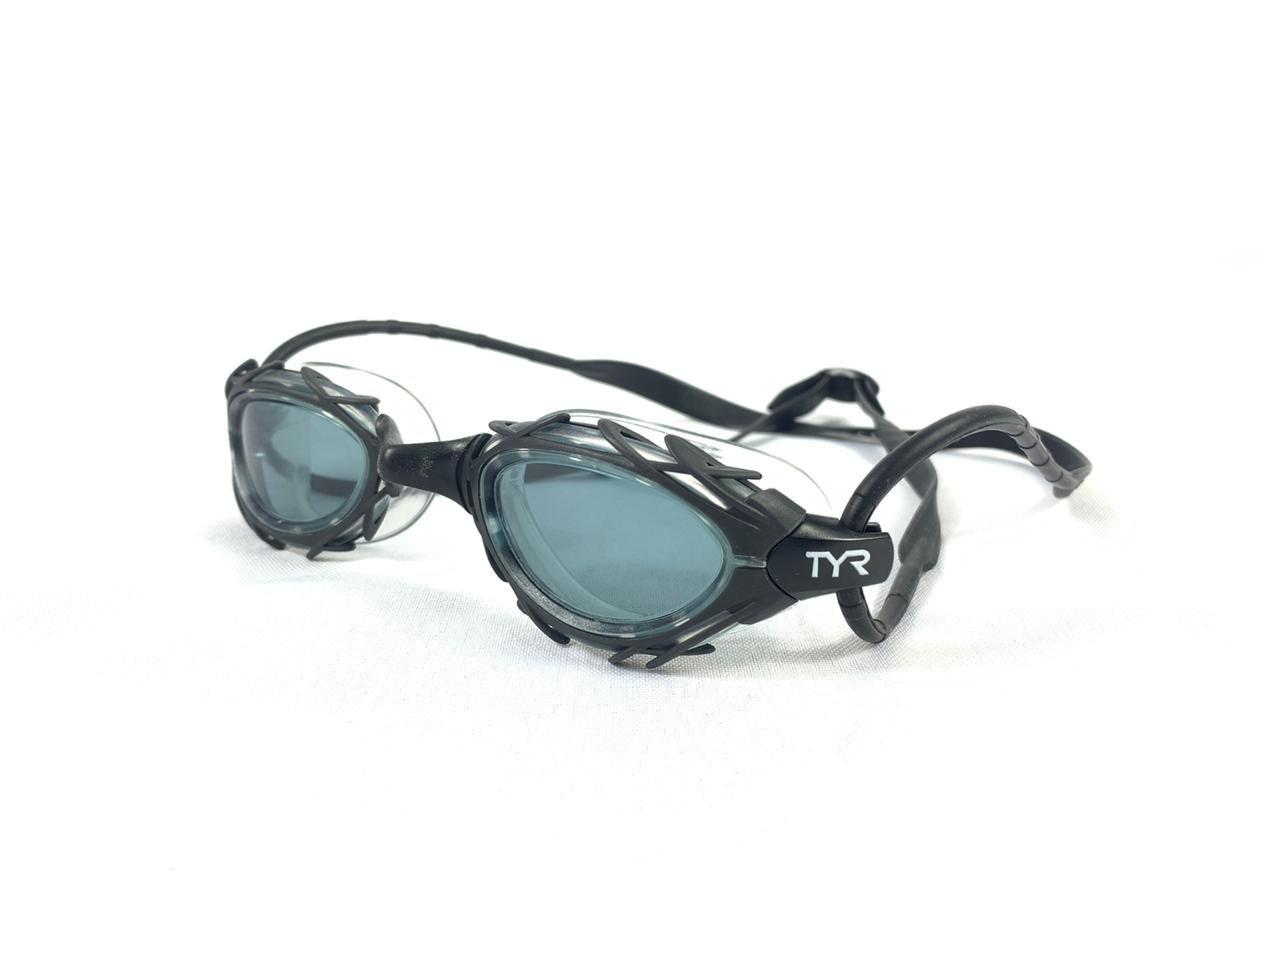 Óculos De Natação Tyr Nest Pro Nano Preto Fumê